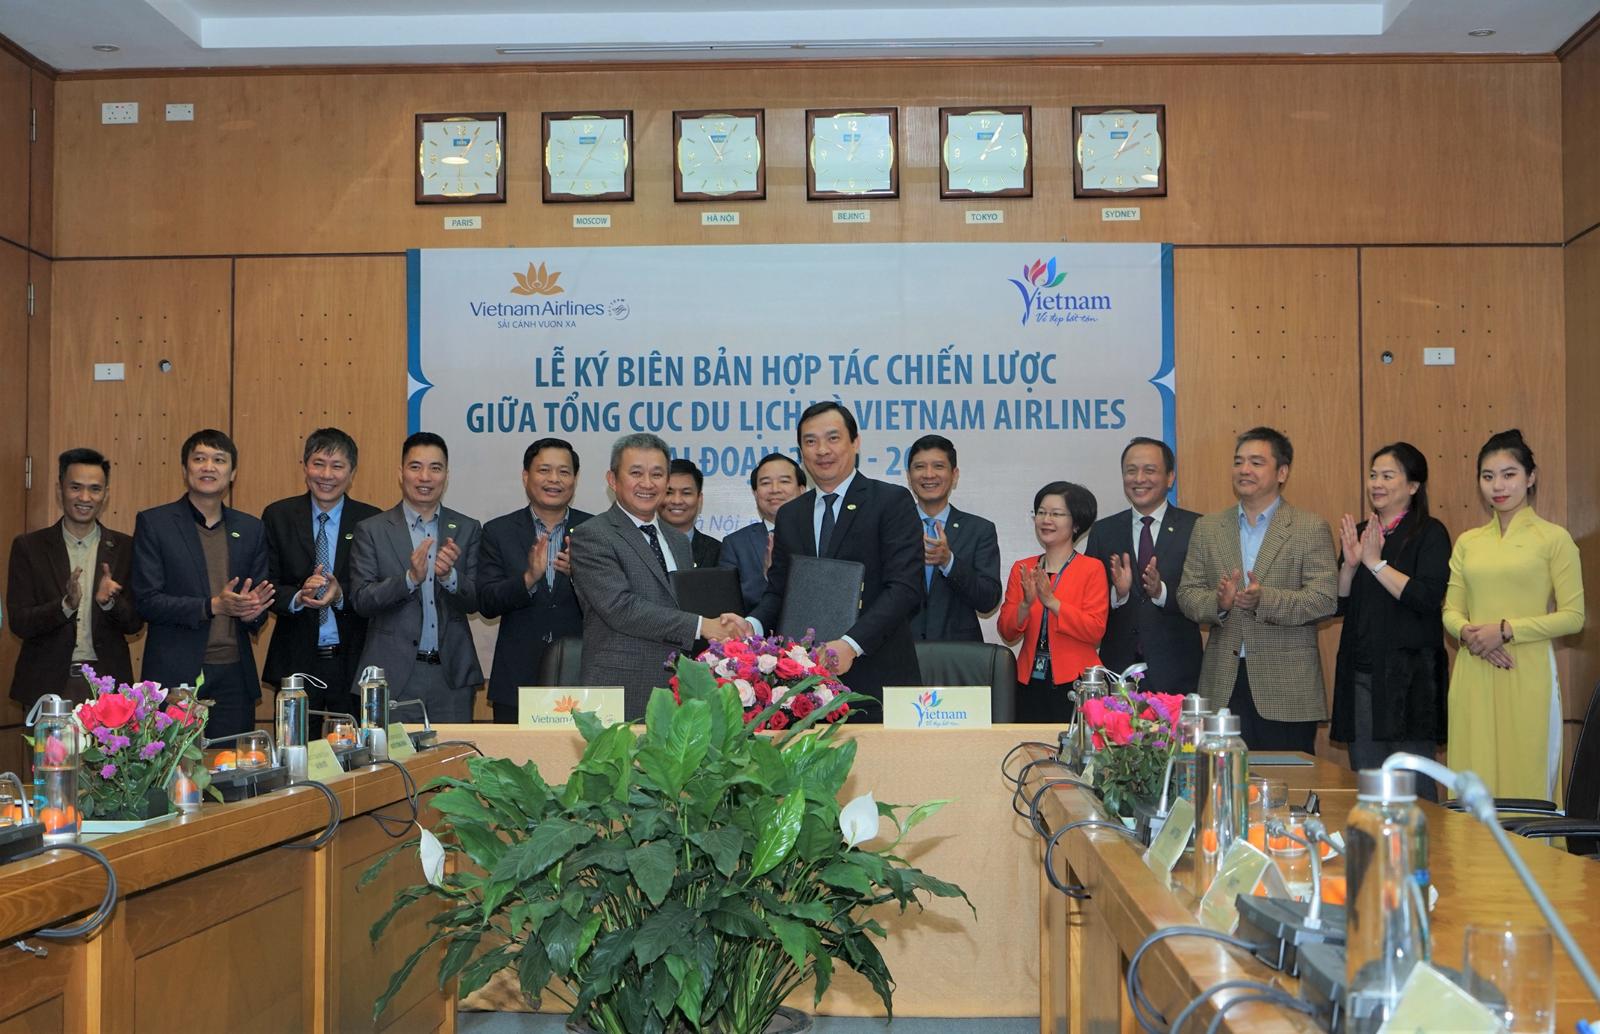 Để Việt Nam trở thành điểm đến di sản hàng đầu thế giới